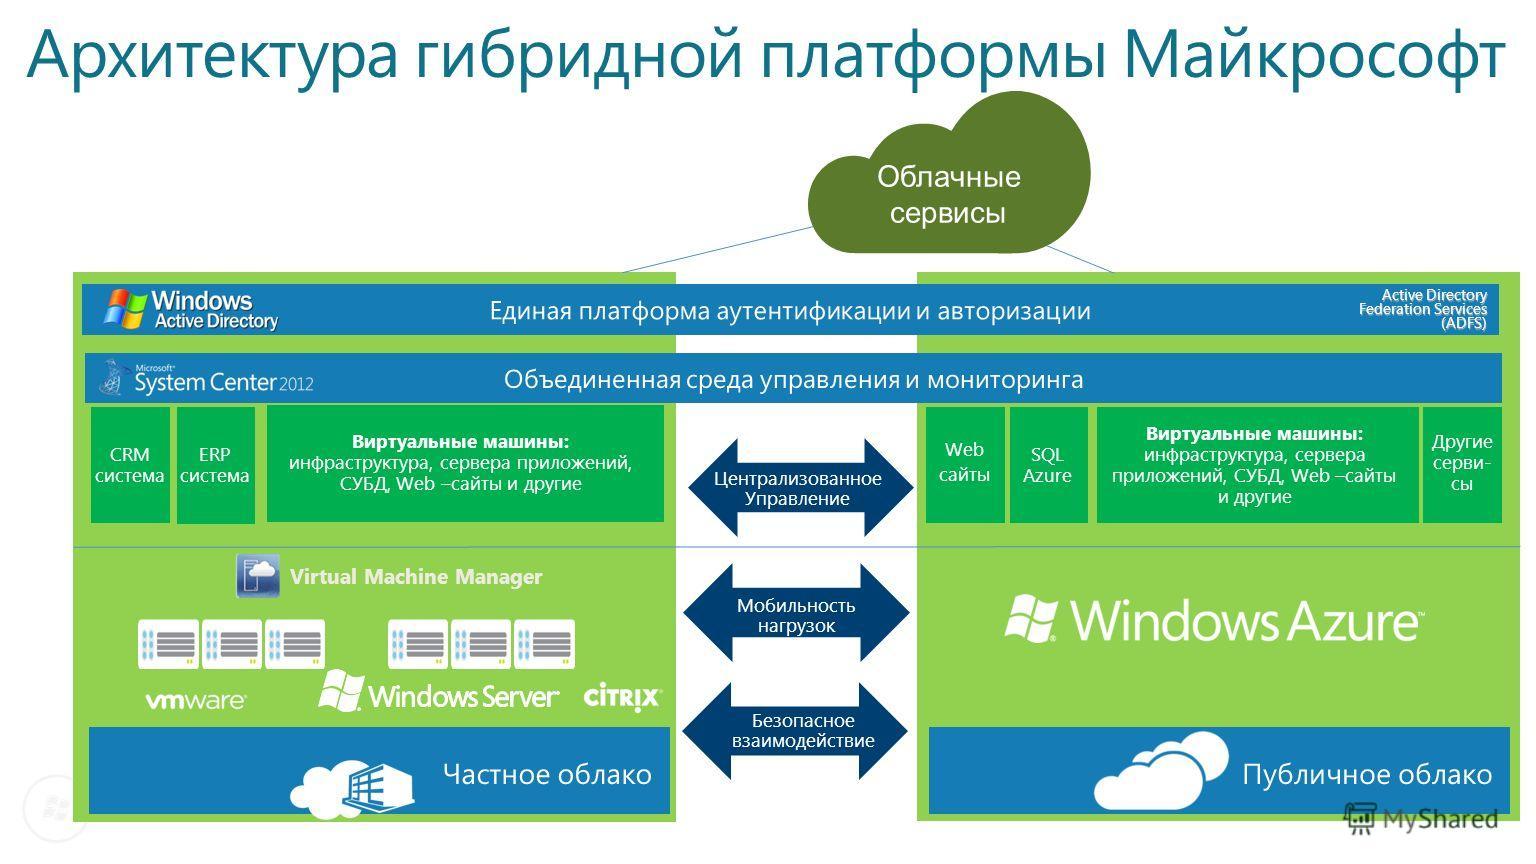 Web сайты SQL Azure Виртуальные машины: инфраструктура, сервера приложений, СУБД, Web –сайты и другие Другие серви- сы CRM система ERP система Windows Azure Централизованное Управление Мобильность нагрузок Безопасное взаимодействие Виртуальные машины